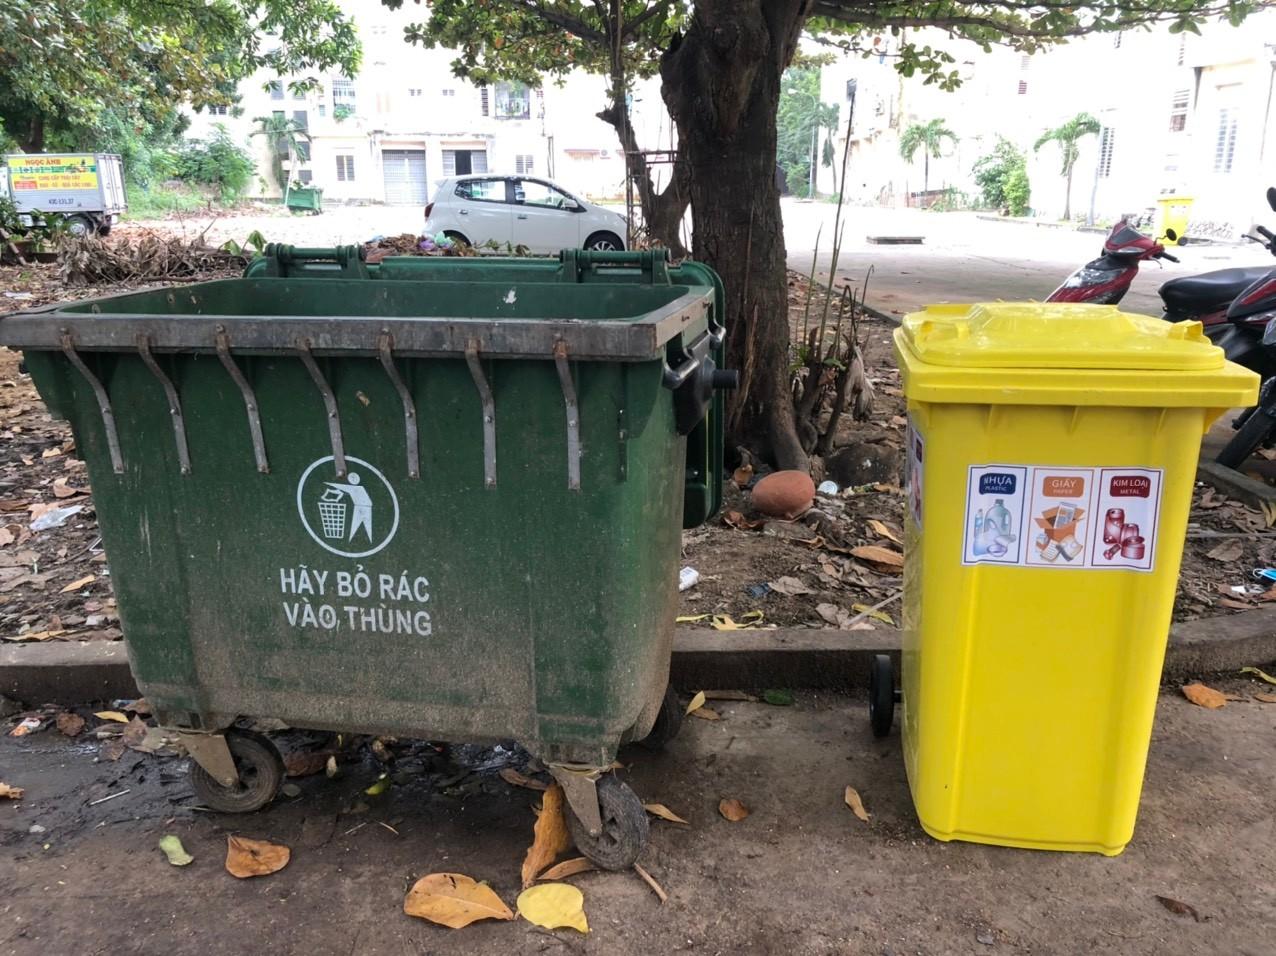 Thử nghiệm phân loại rác tại Đà Nẵng với thùng rác truyền thống (màu xanh) và thùng rác tái chế thông thường (màu vàng) | Ảnh: AccLAB/ UNDP